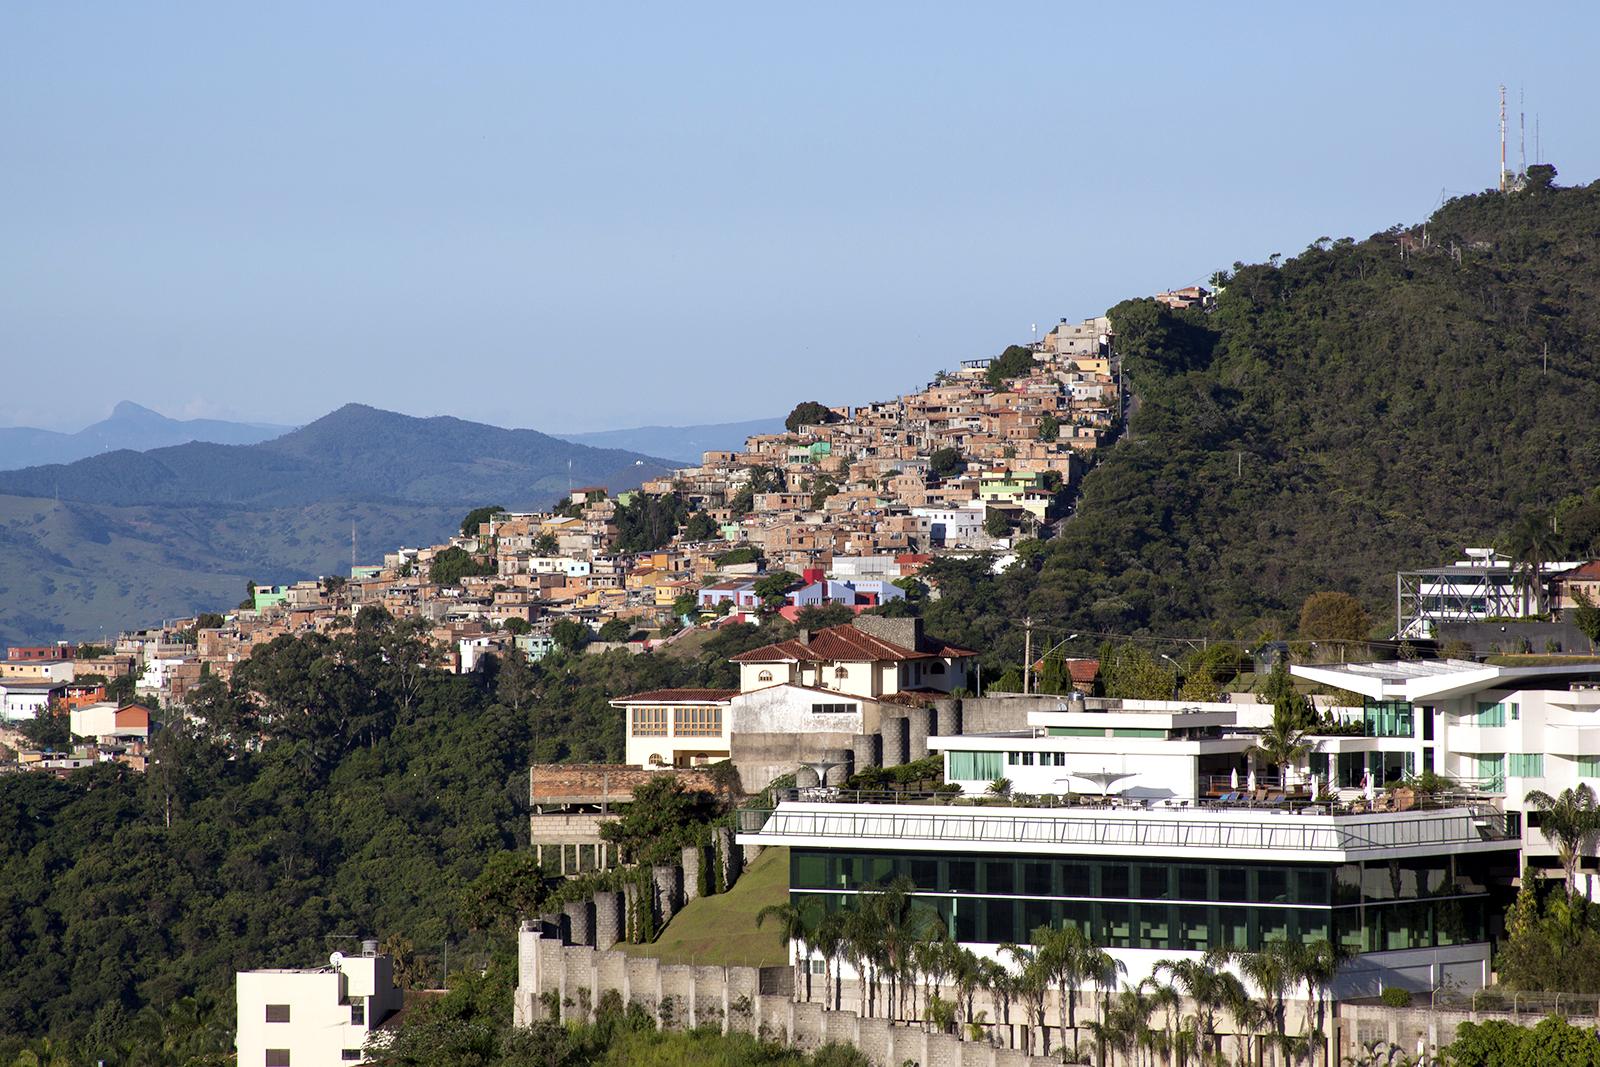 O que são cidades inteligentes dentro da realidade brasileira?